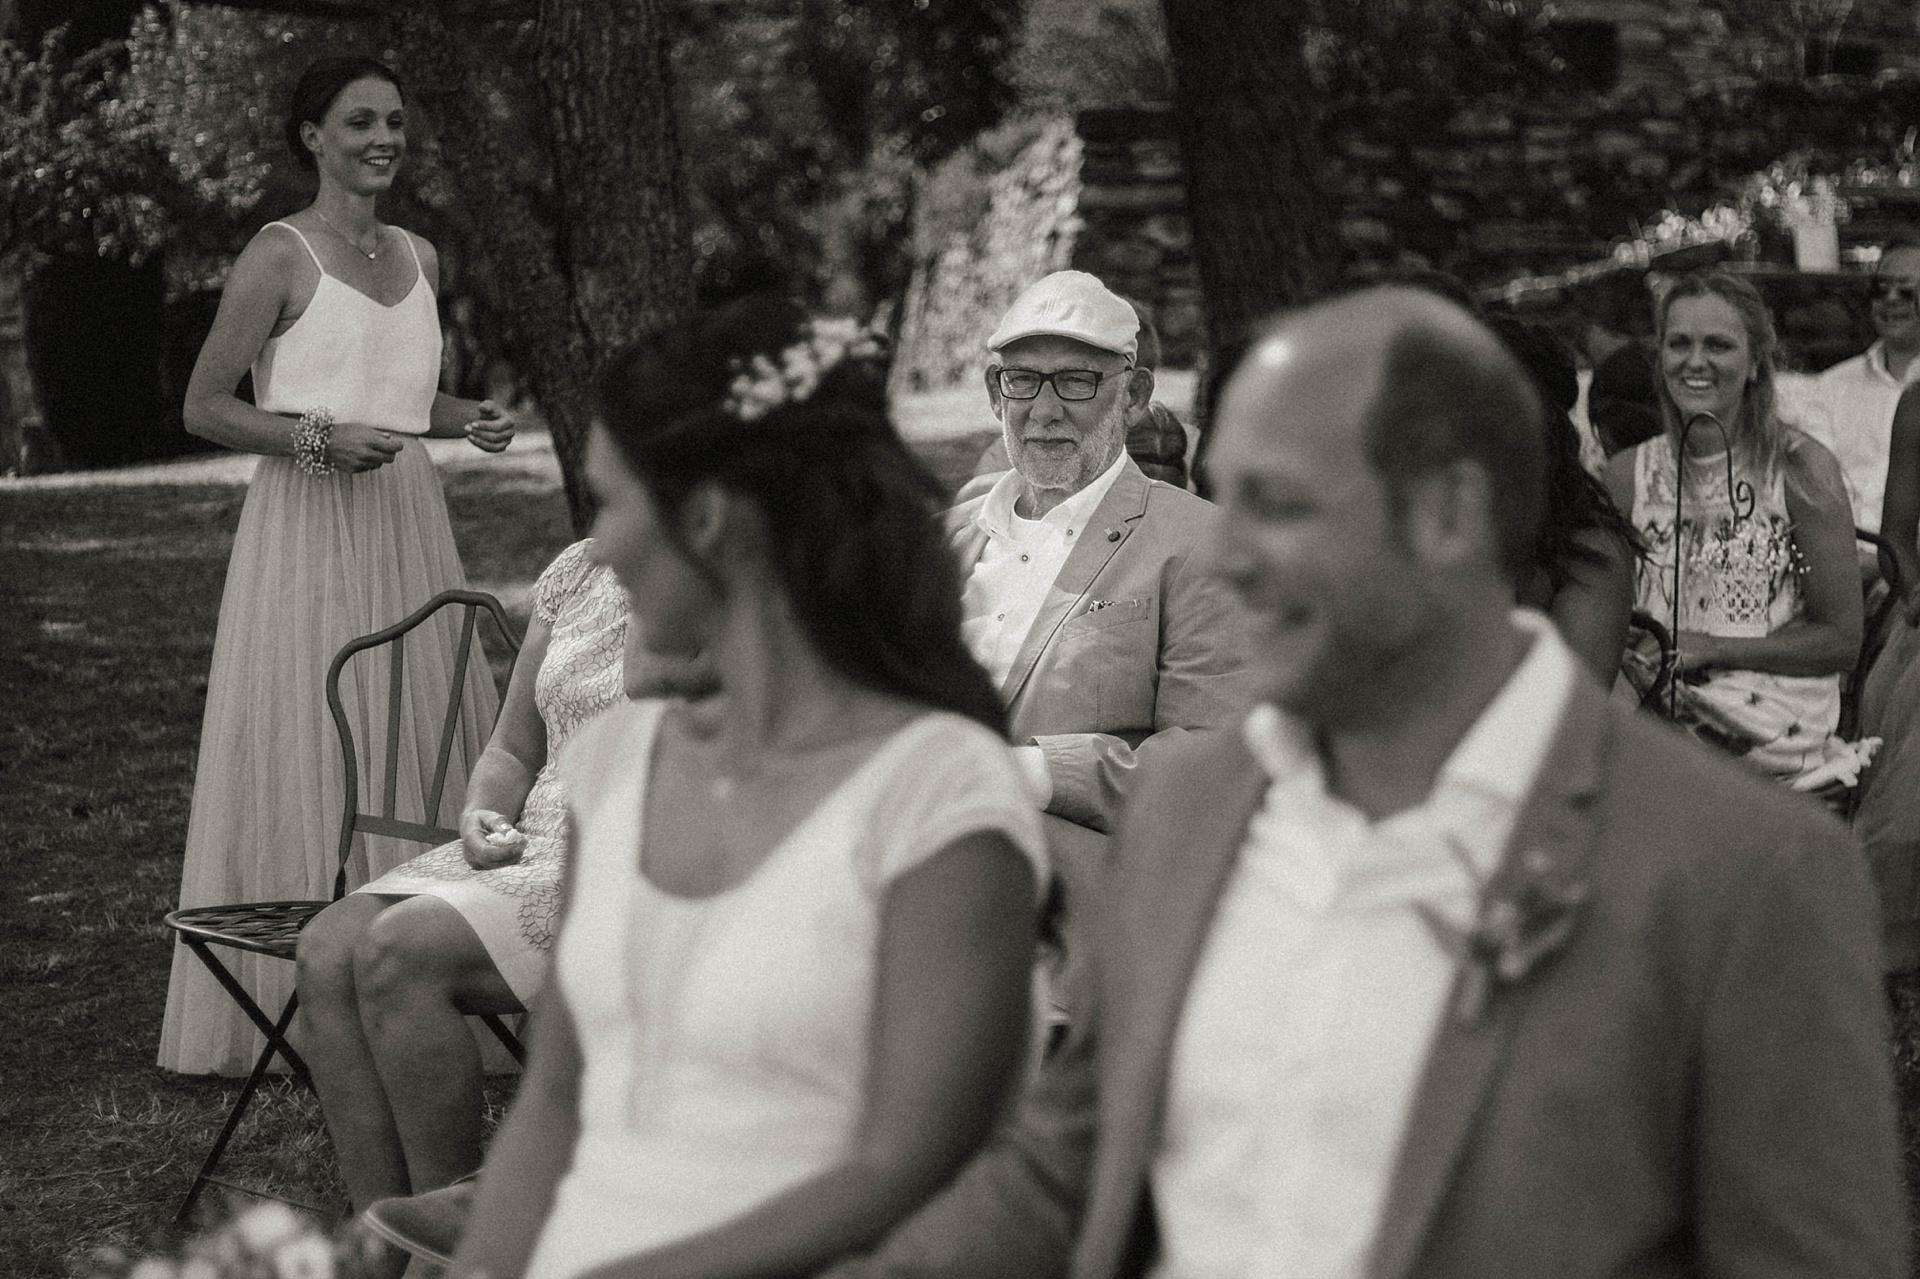 Traumhafte Hochzeit in der Provence. Der Brautvater in Gedanken versunken.